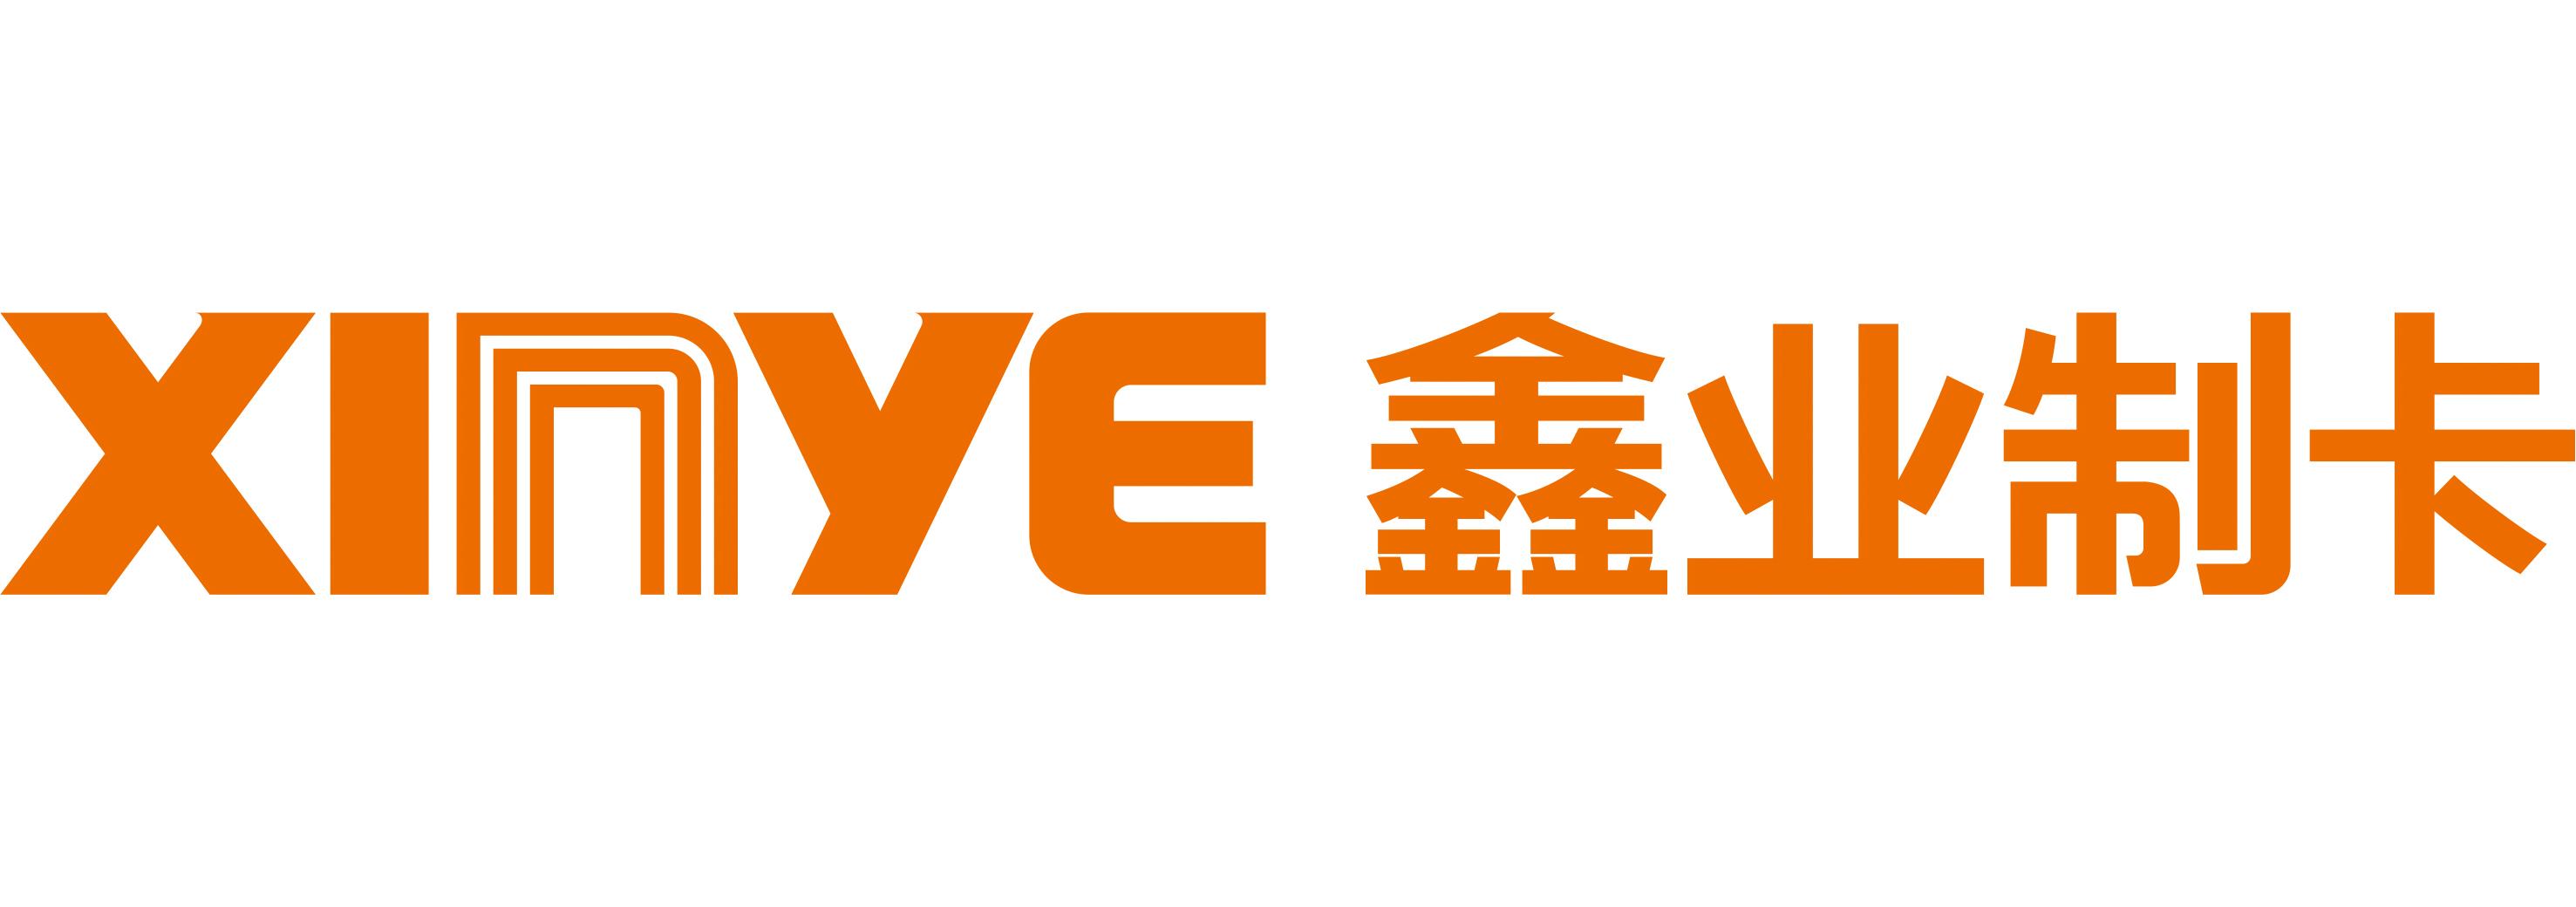 深圳市鑫业智能卡有限公司-深圳物联网展会